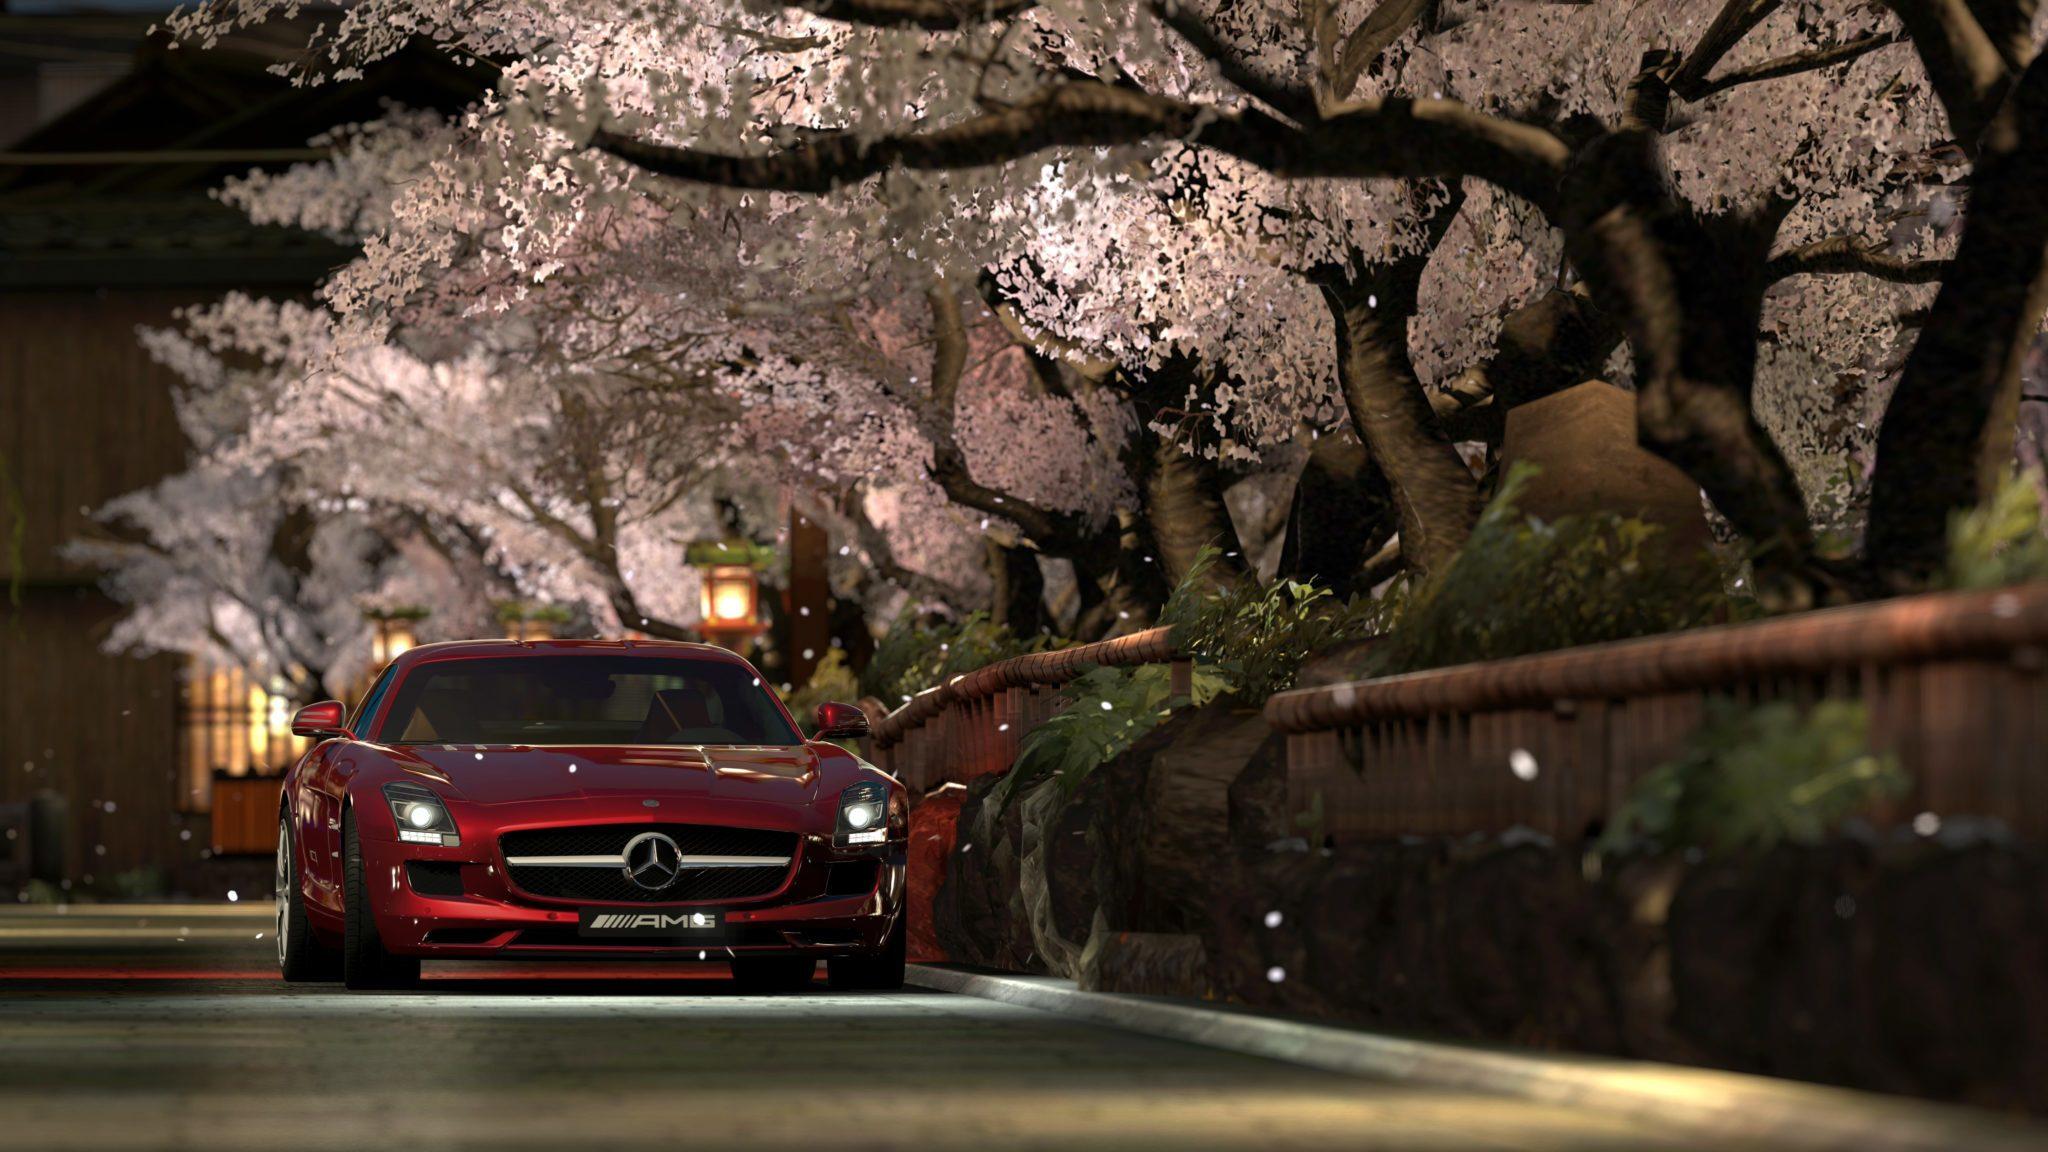 Gran_Turismo_5_Photo_Mode_Kyoto_Shirakaw